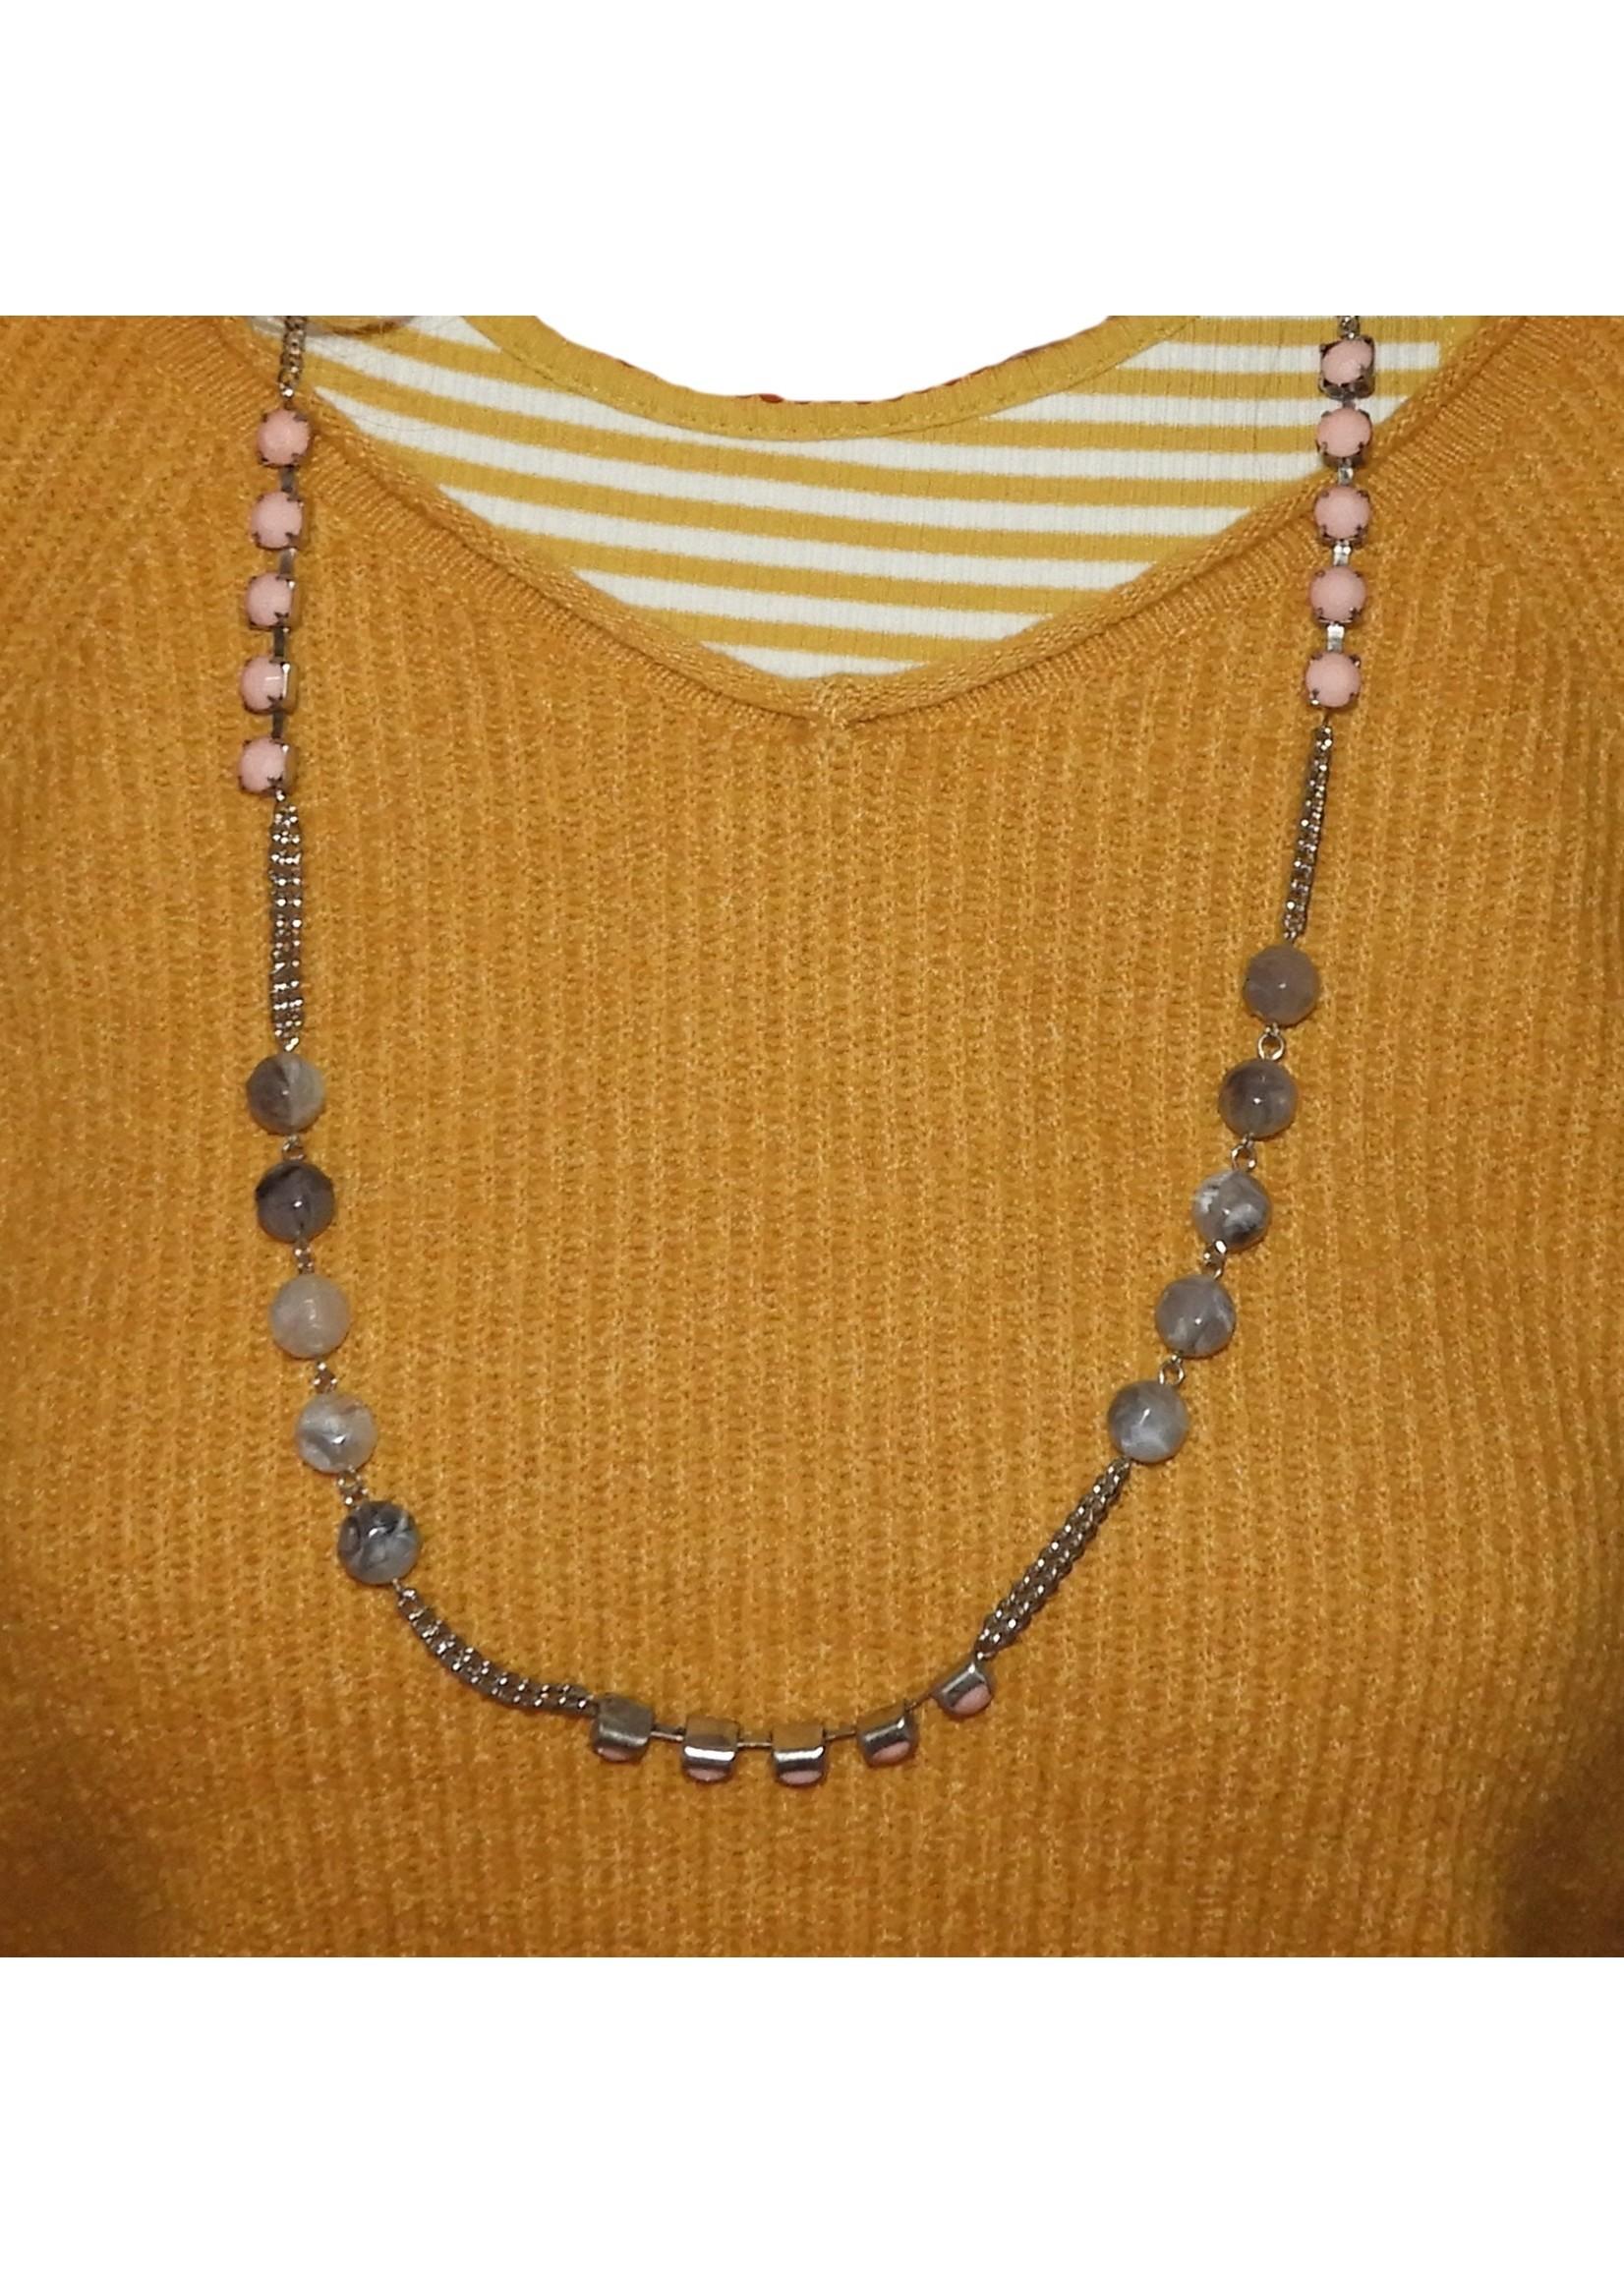 Michelle bijoux ketting met kralen